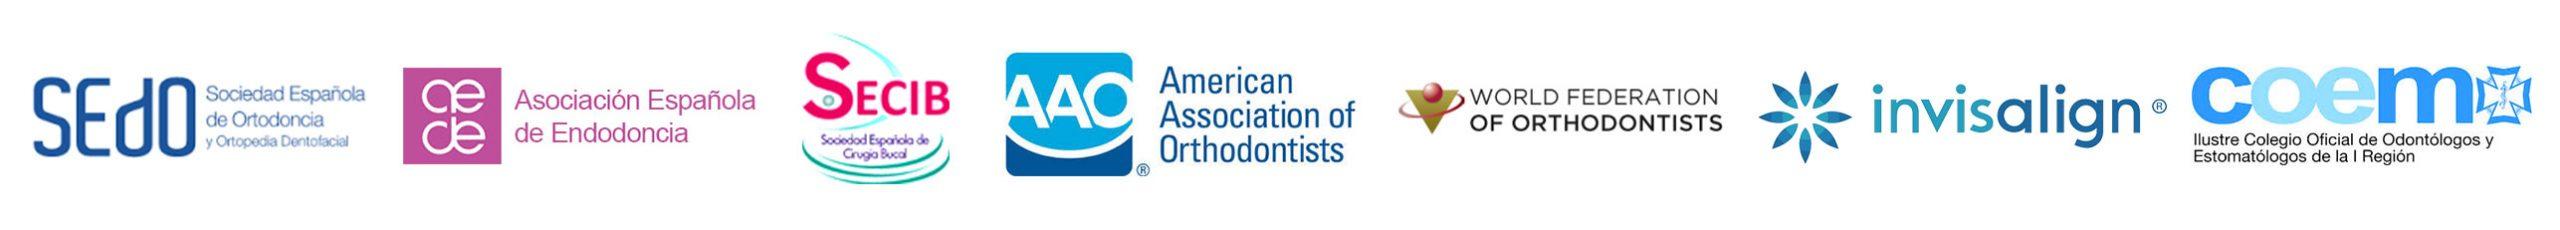 asociaciones-dentales-armonia